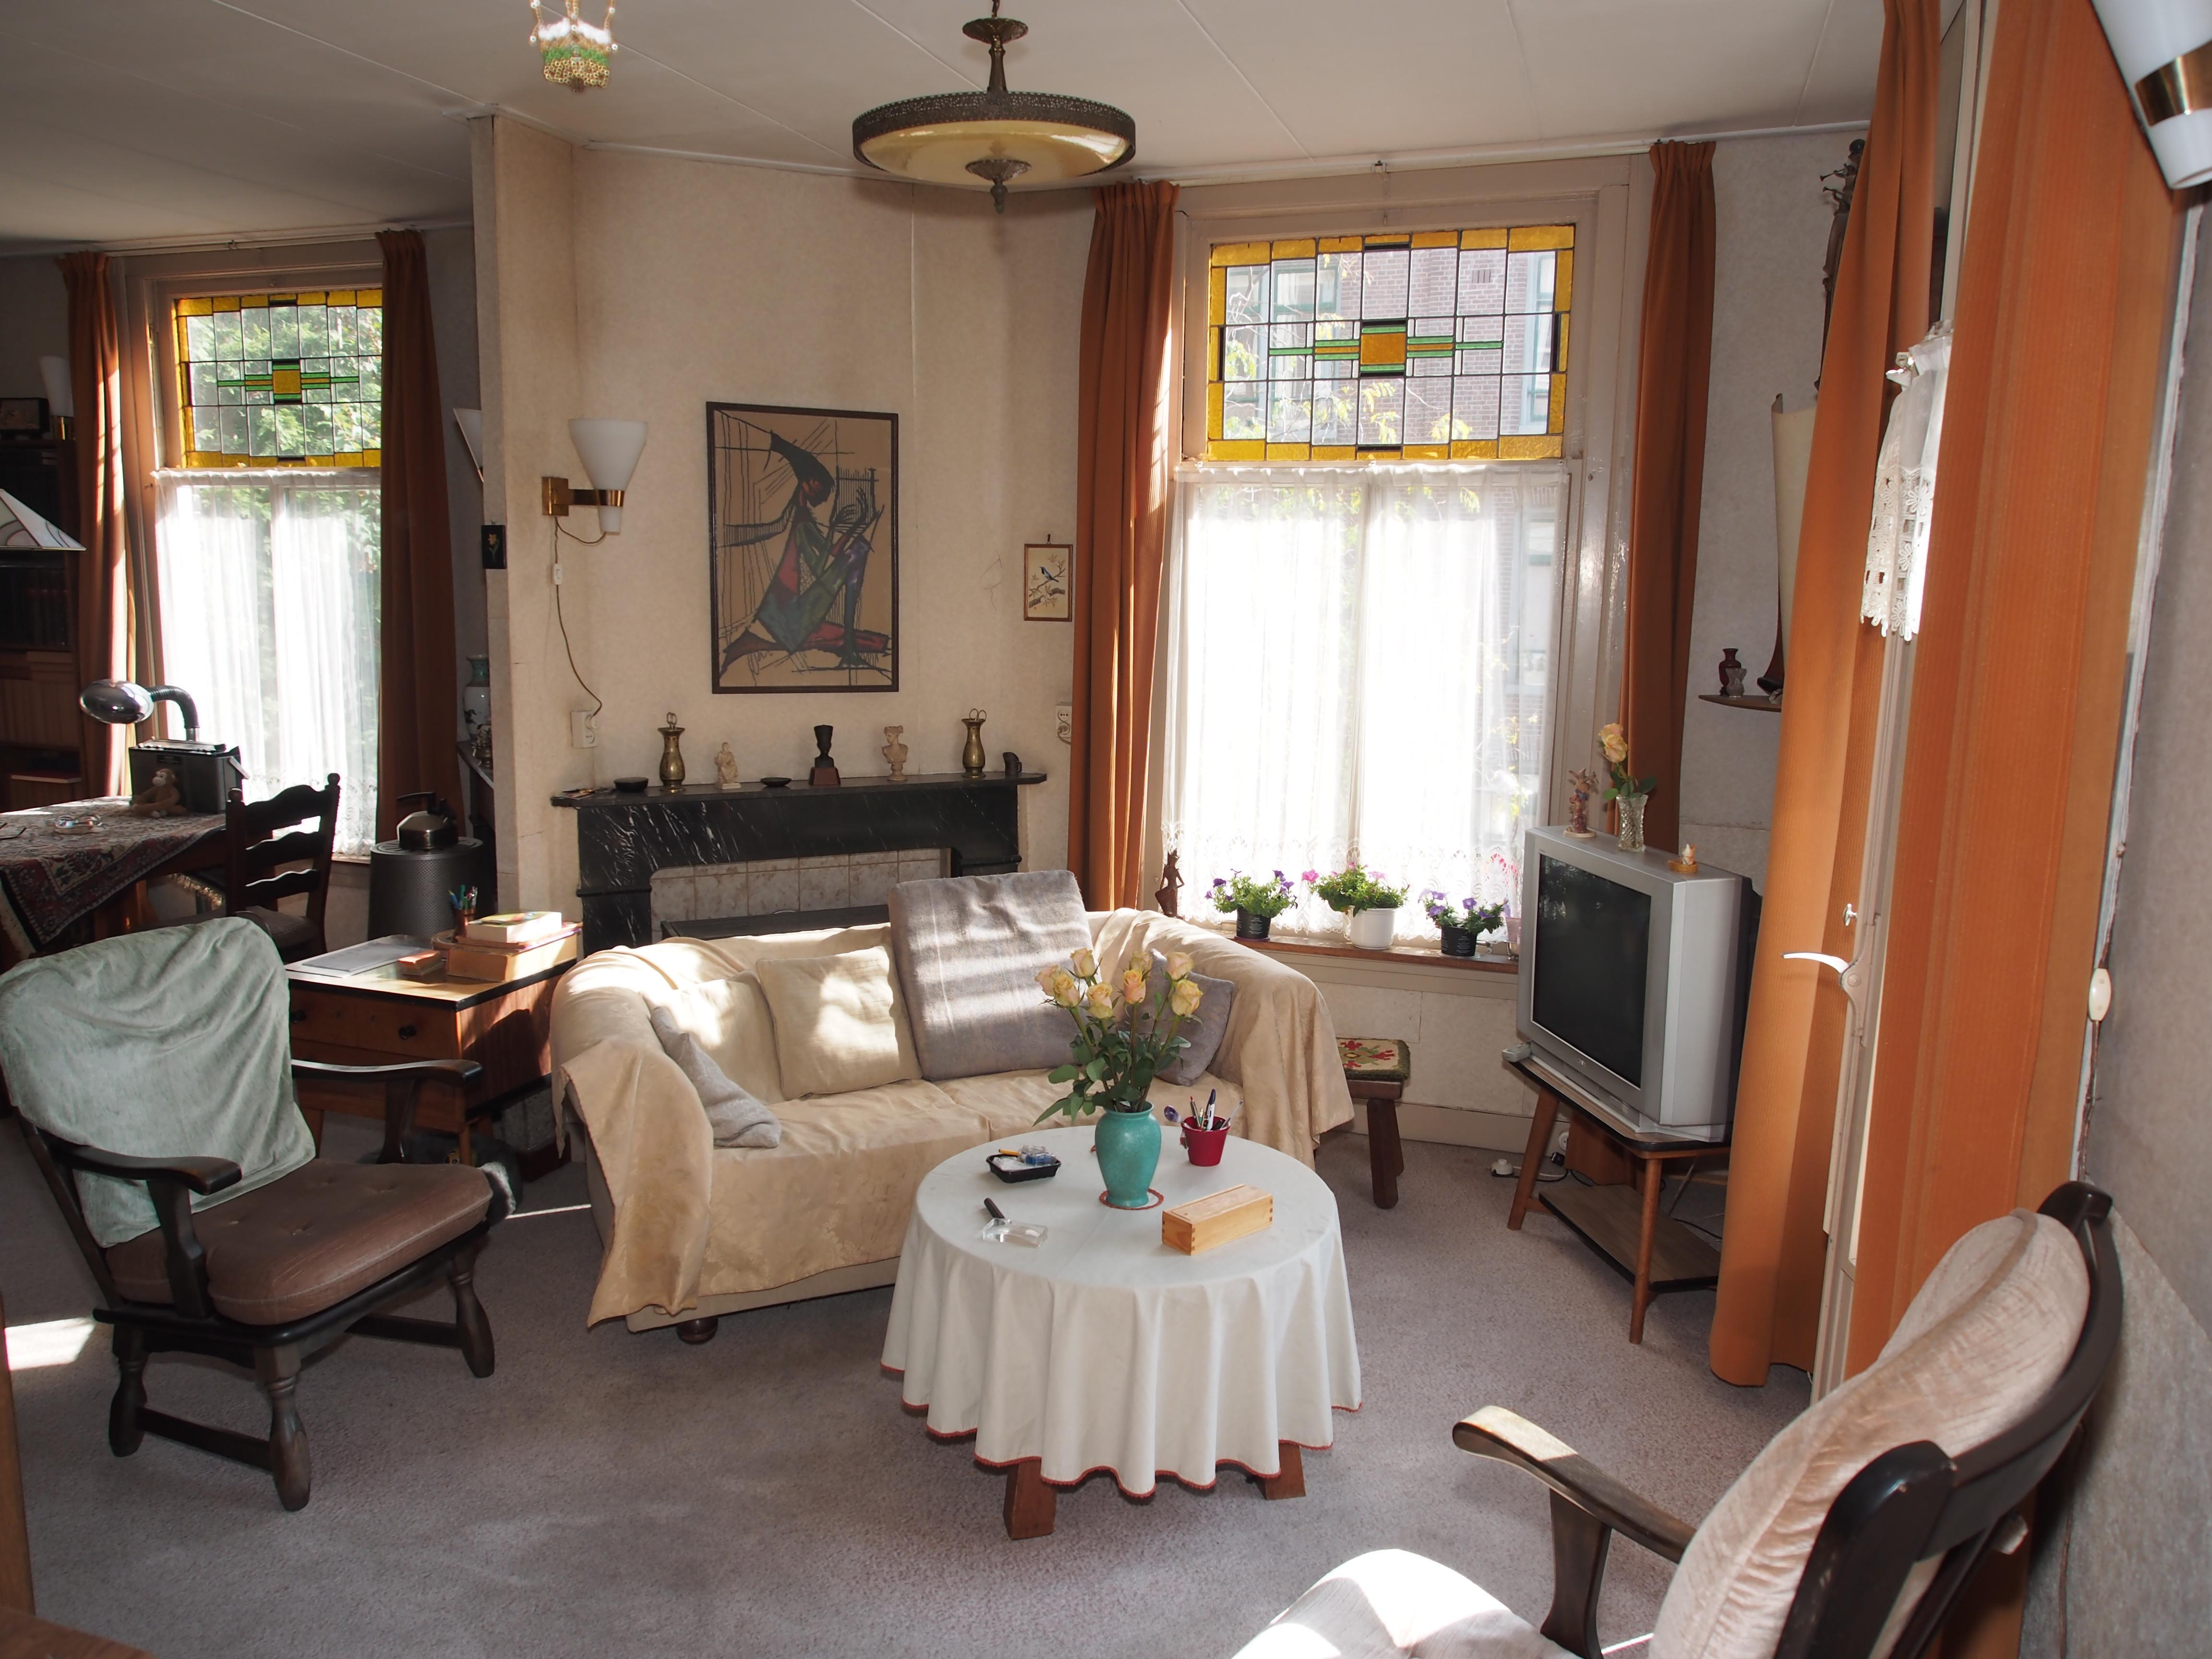 Prowork klassiek woonhuis landelijke dubbele wastafel landelijke